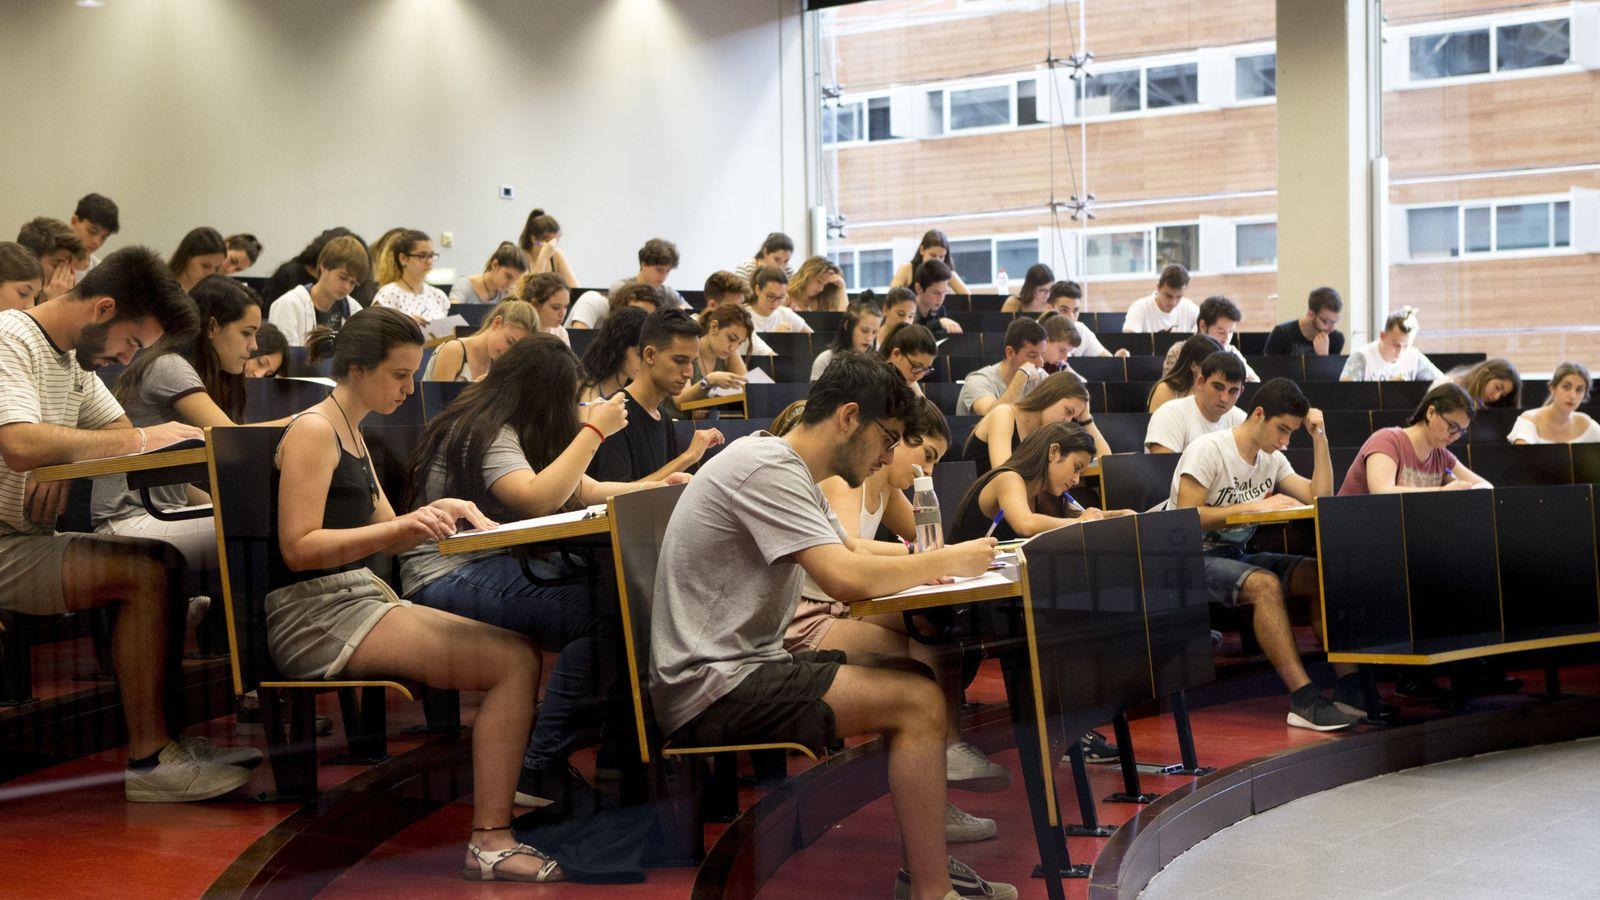 Foto: Los exámenes de selectividad. (EFE / Quique García)